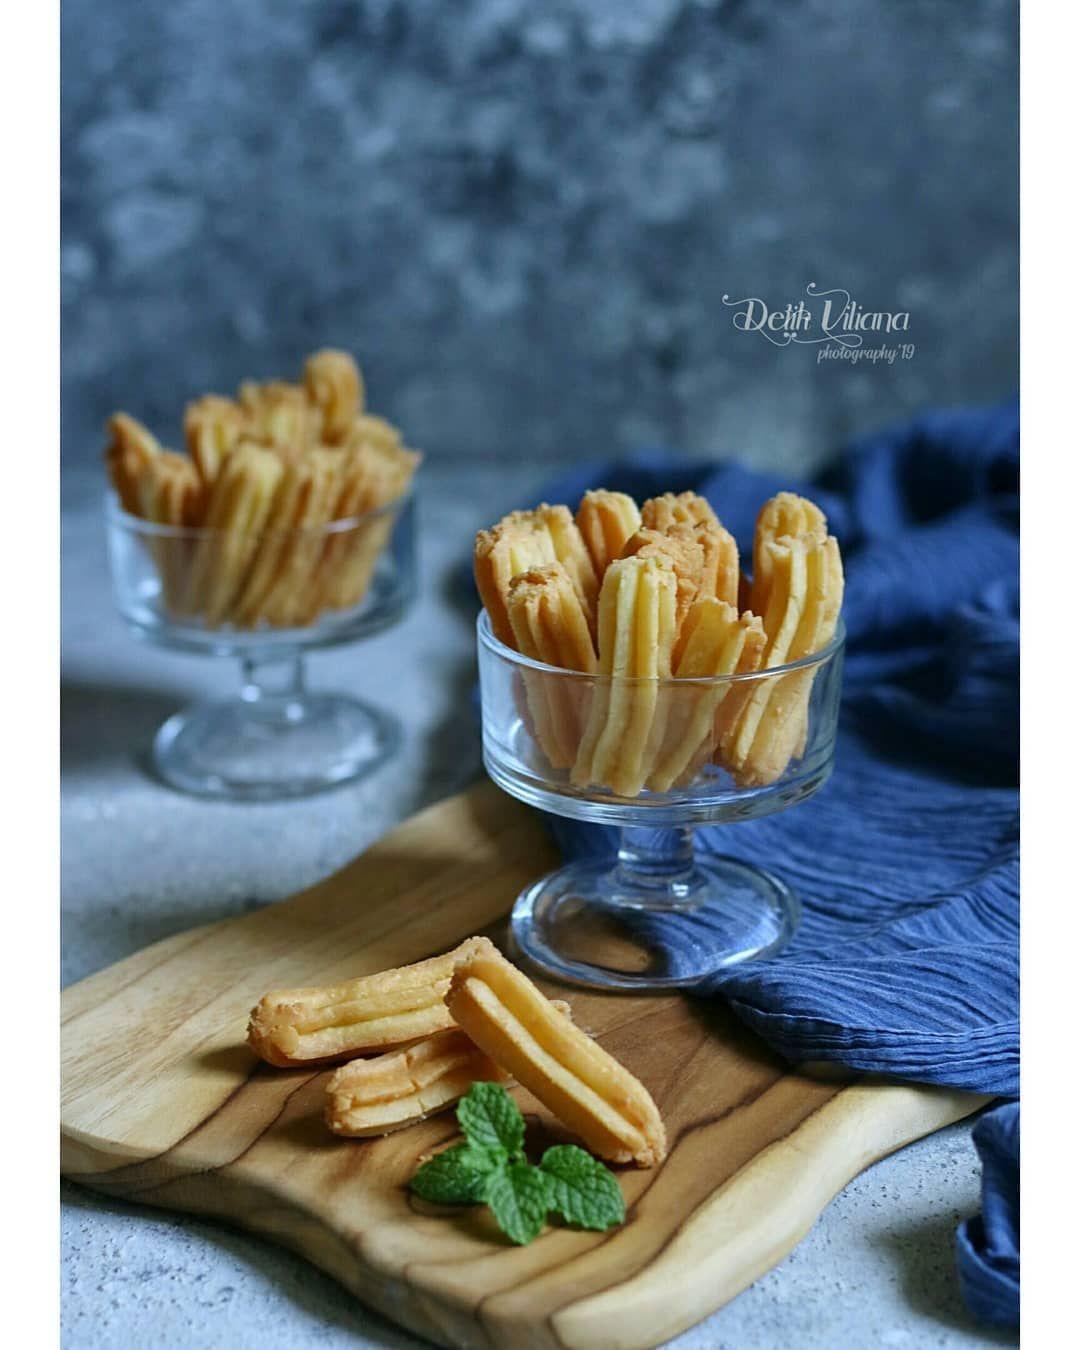 Bismillah Kue Kecipir Hasil Trial Kpn Wkt Itu Yg Terinspirasi Dr Postingan Mba Nianings Pertama Kali Pake Resep Yg Dishare Mba Food Spanish Appetizers Eat